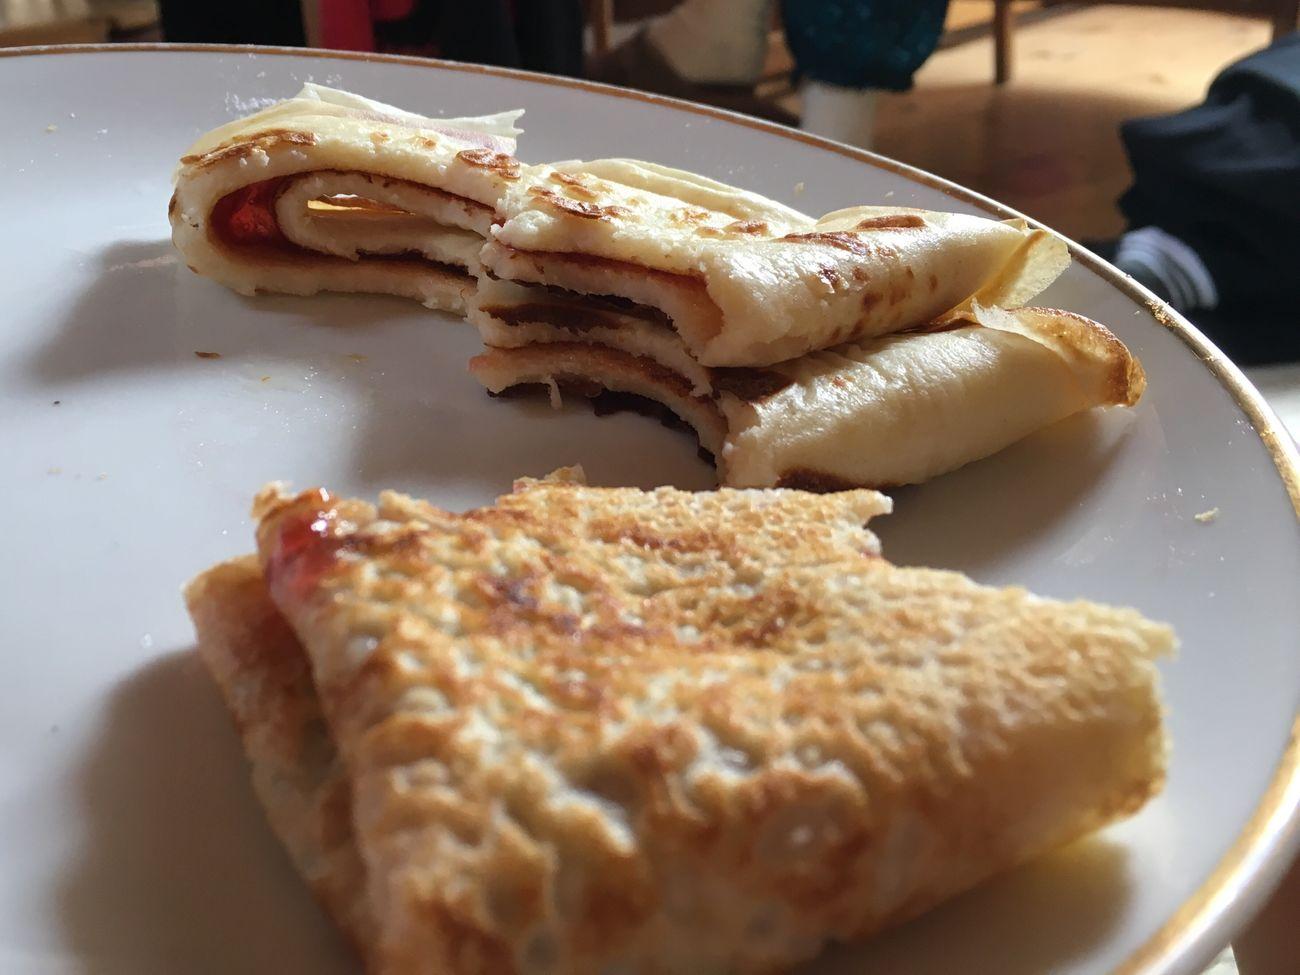 EyeEmNewHere pancake